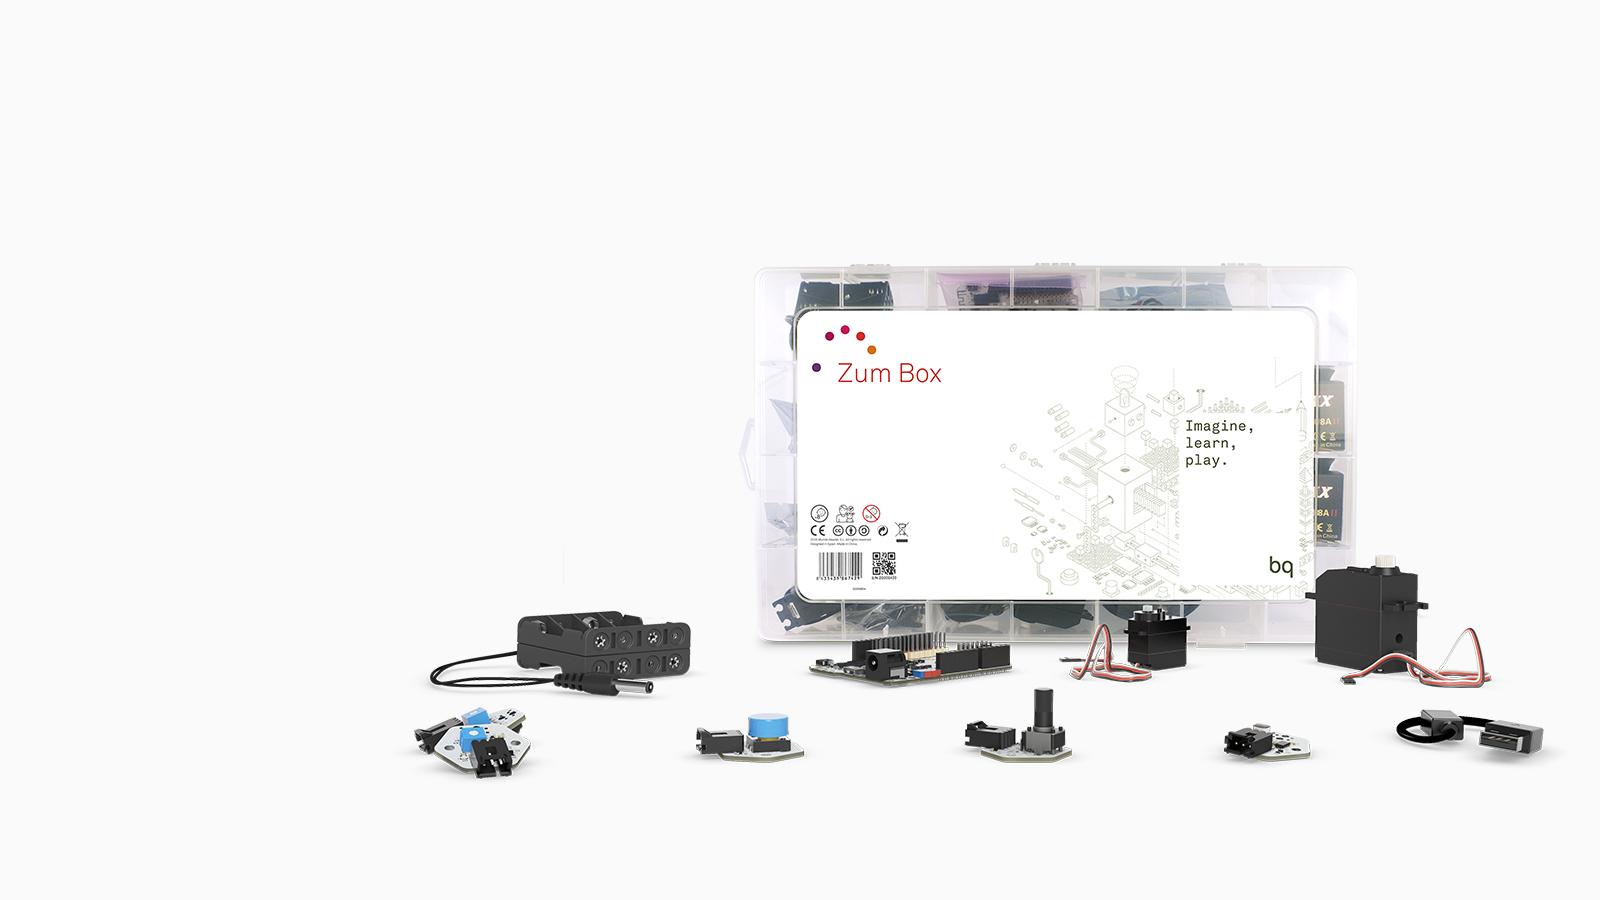 bq Zum Box H000011